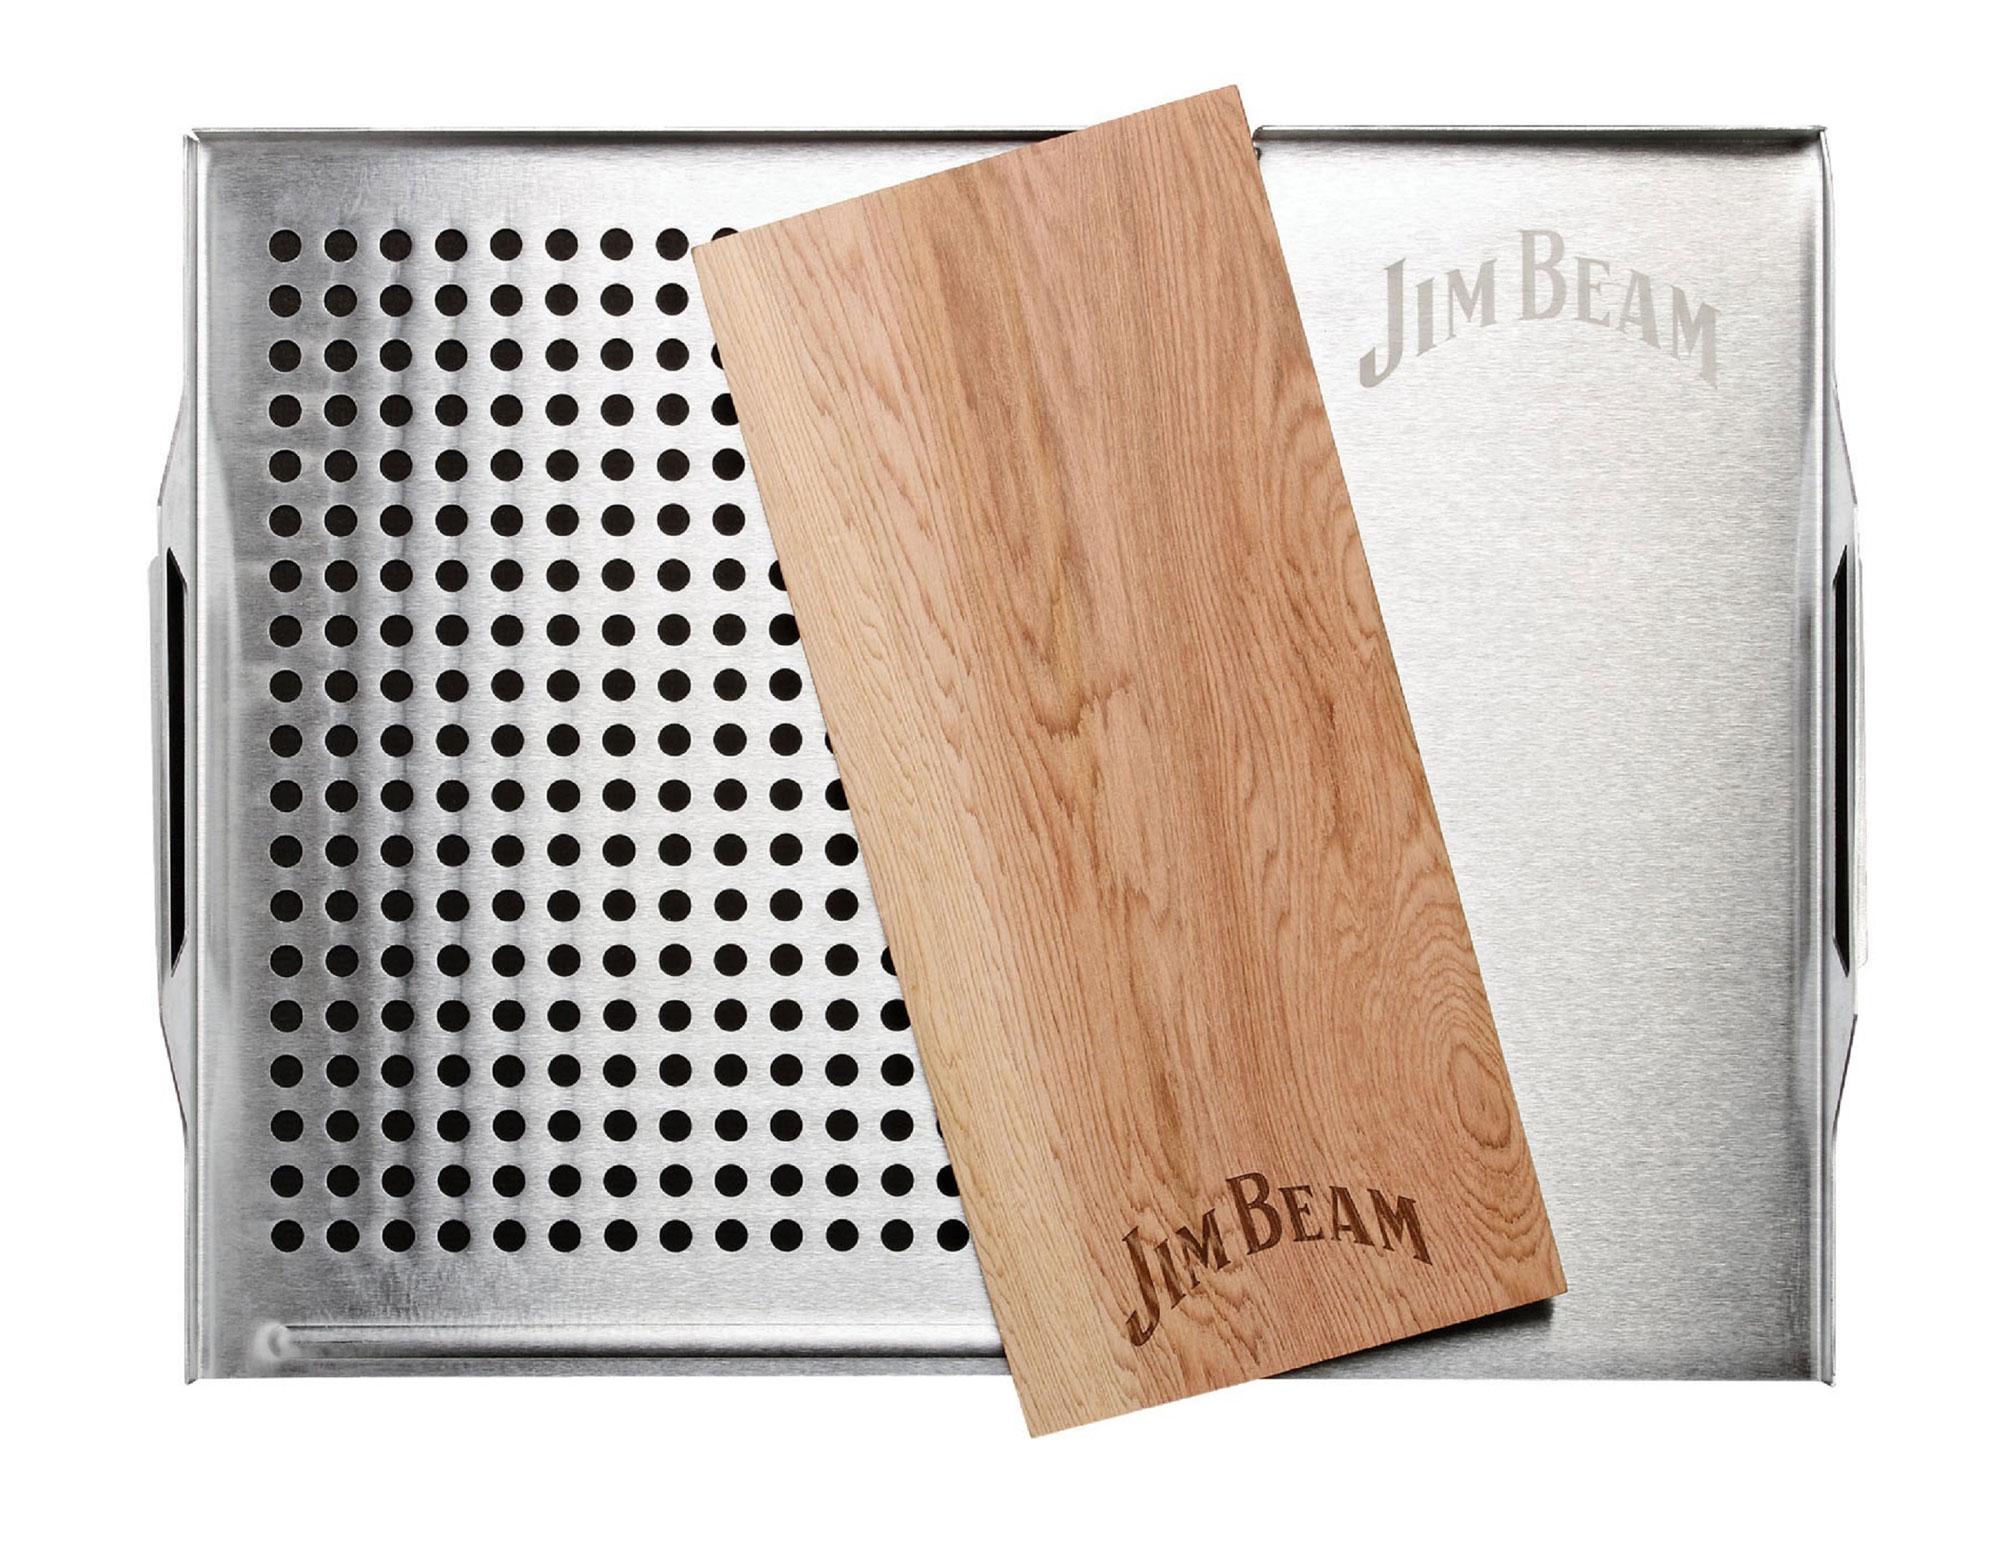 Jim Beam Edelstahl Grillauflage mit Zedernholz-Platte JB0162 Bild 1